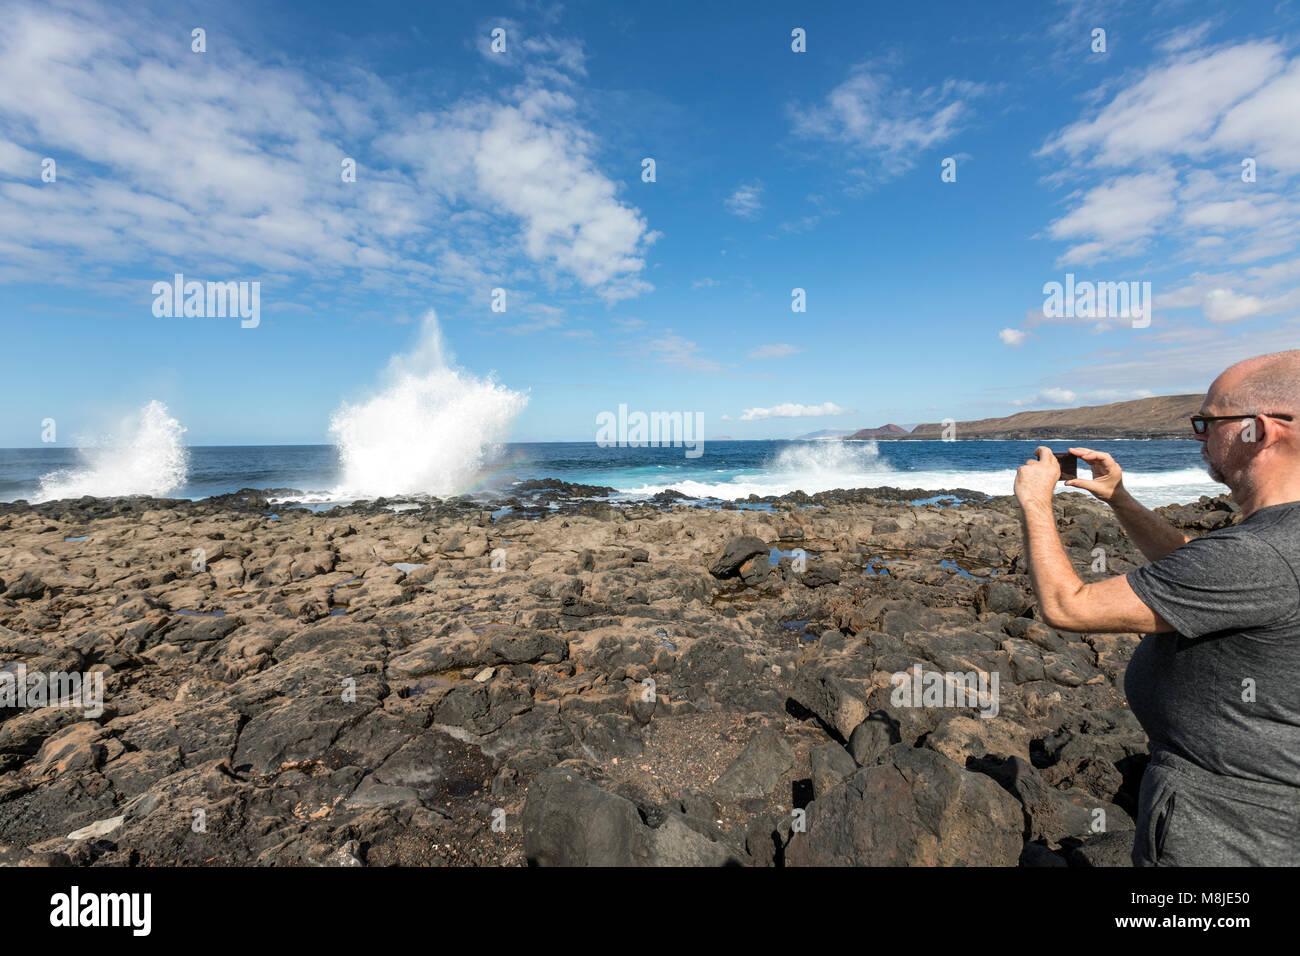 Tourist, der ein Bild von einem tapferen Meer in Tenesar, Lanzarote, Kanarische Inseln, Spanien Stockbild